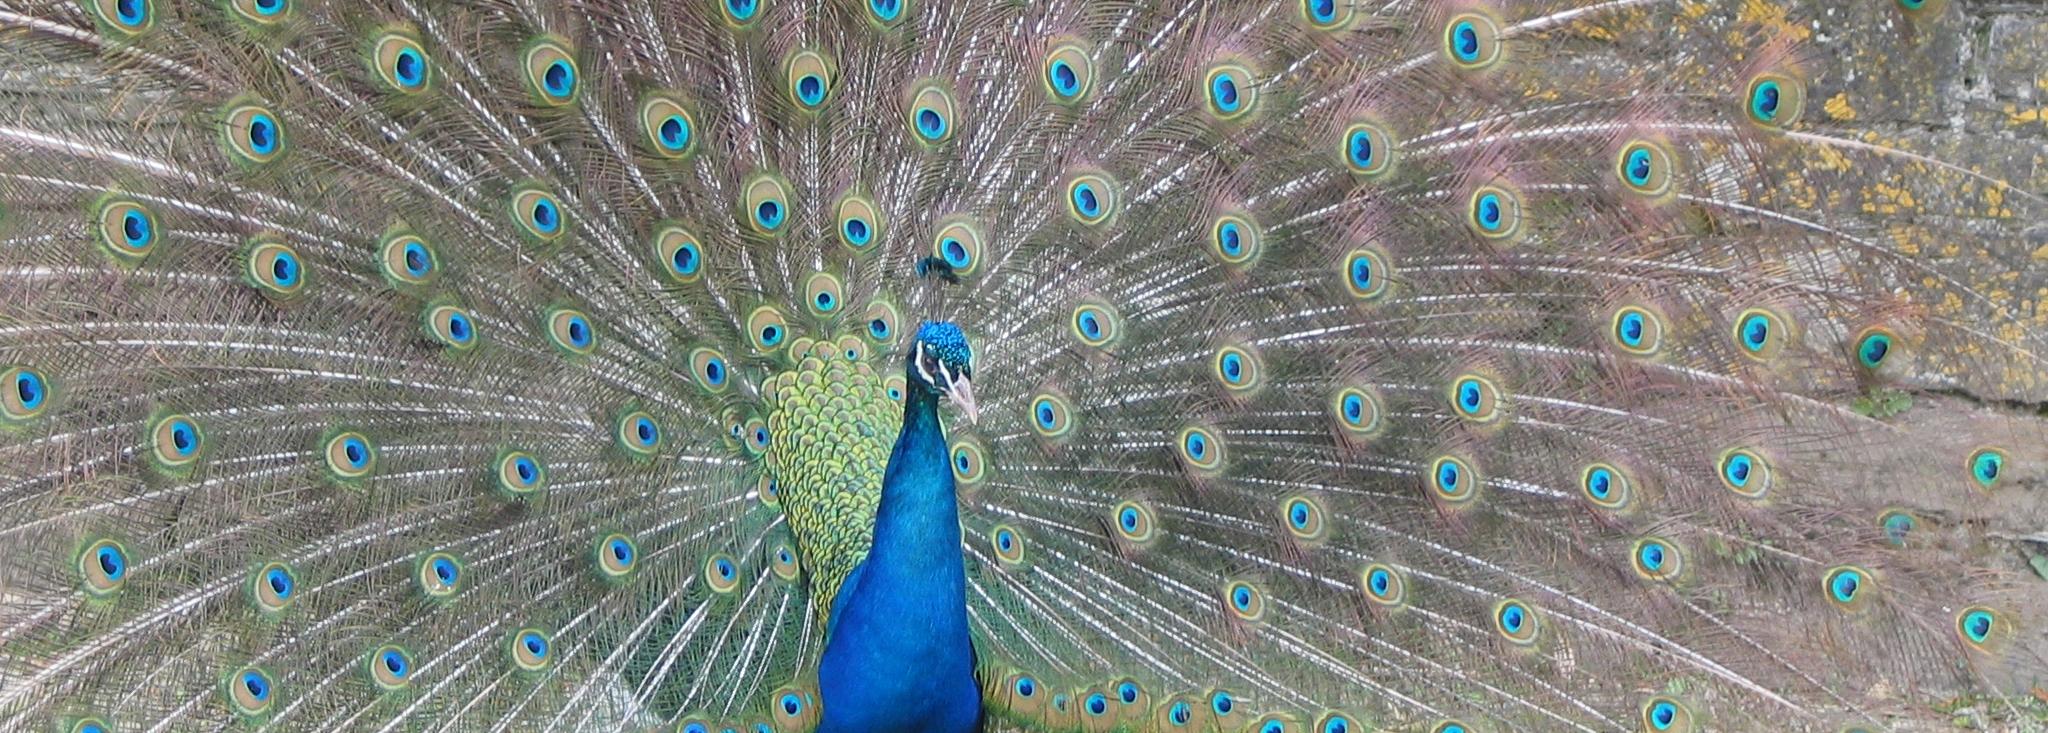 Peacock in the Pencarrow Gardens